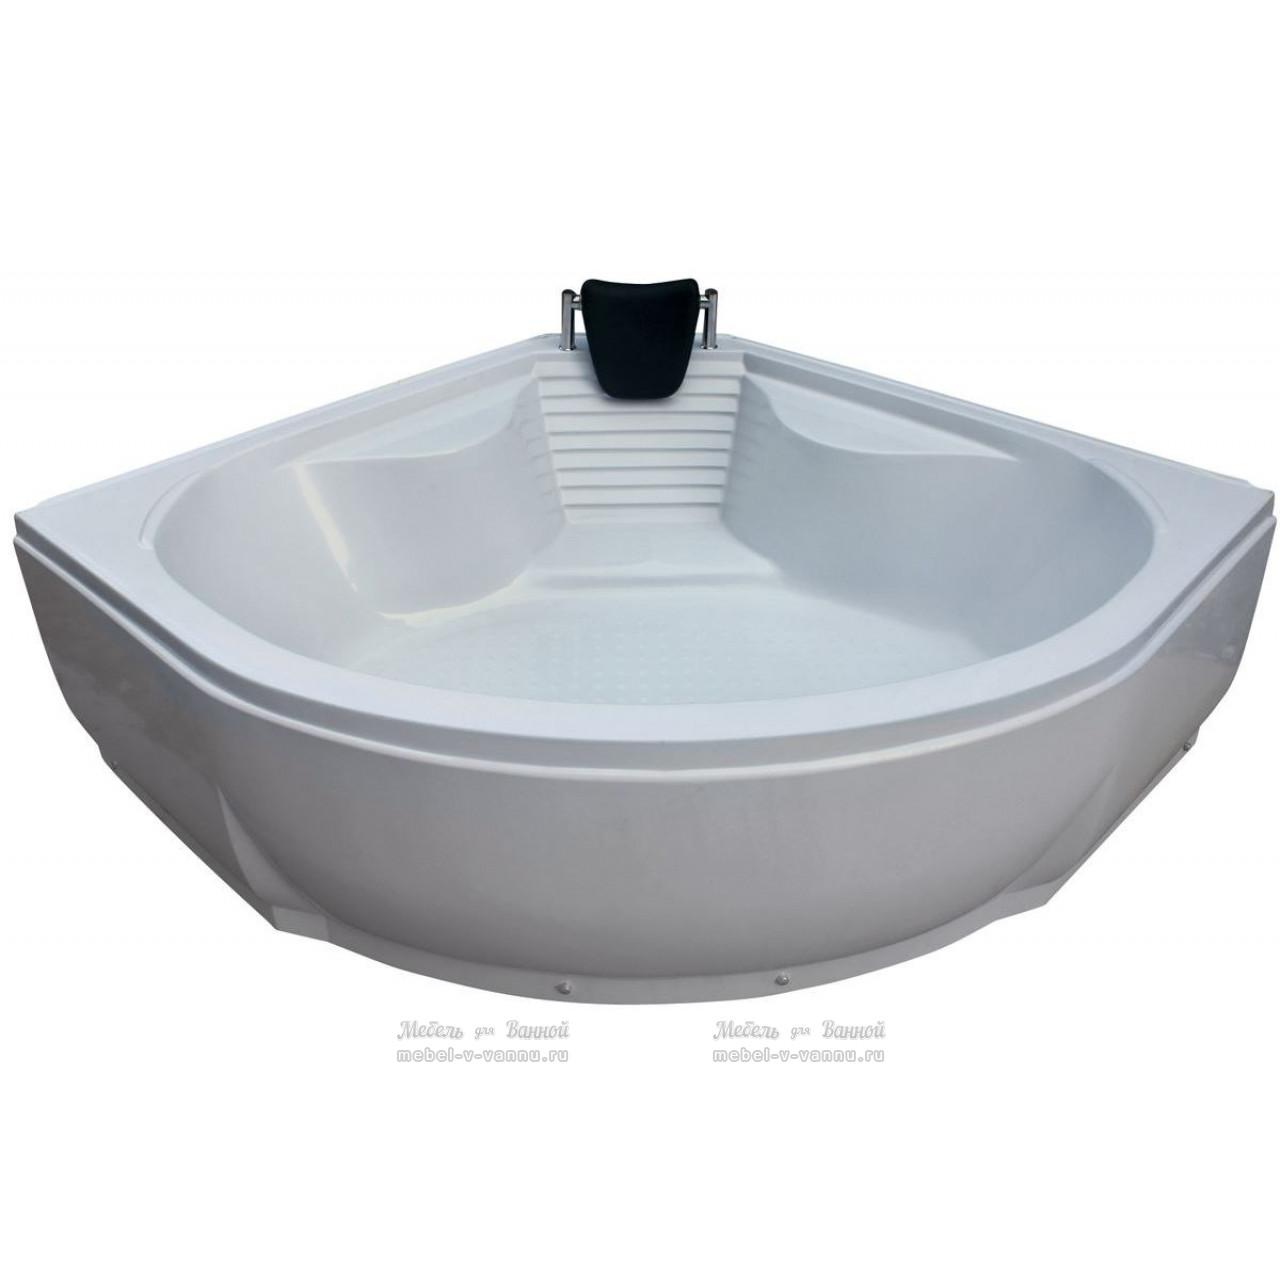 Акриловая ванна River 150/150/55 купить в Москве по цене от 15300р. в интернет-магазине mebel-v-vannu.ru